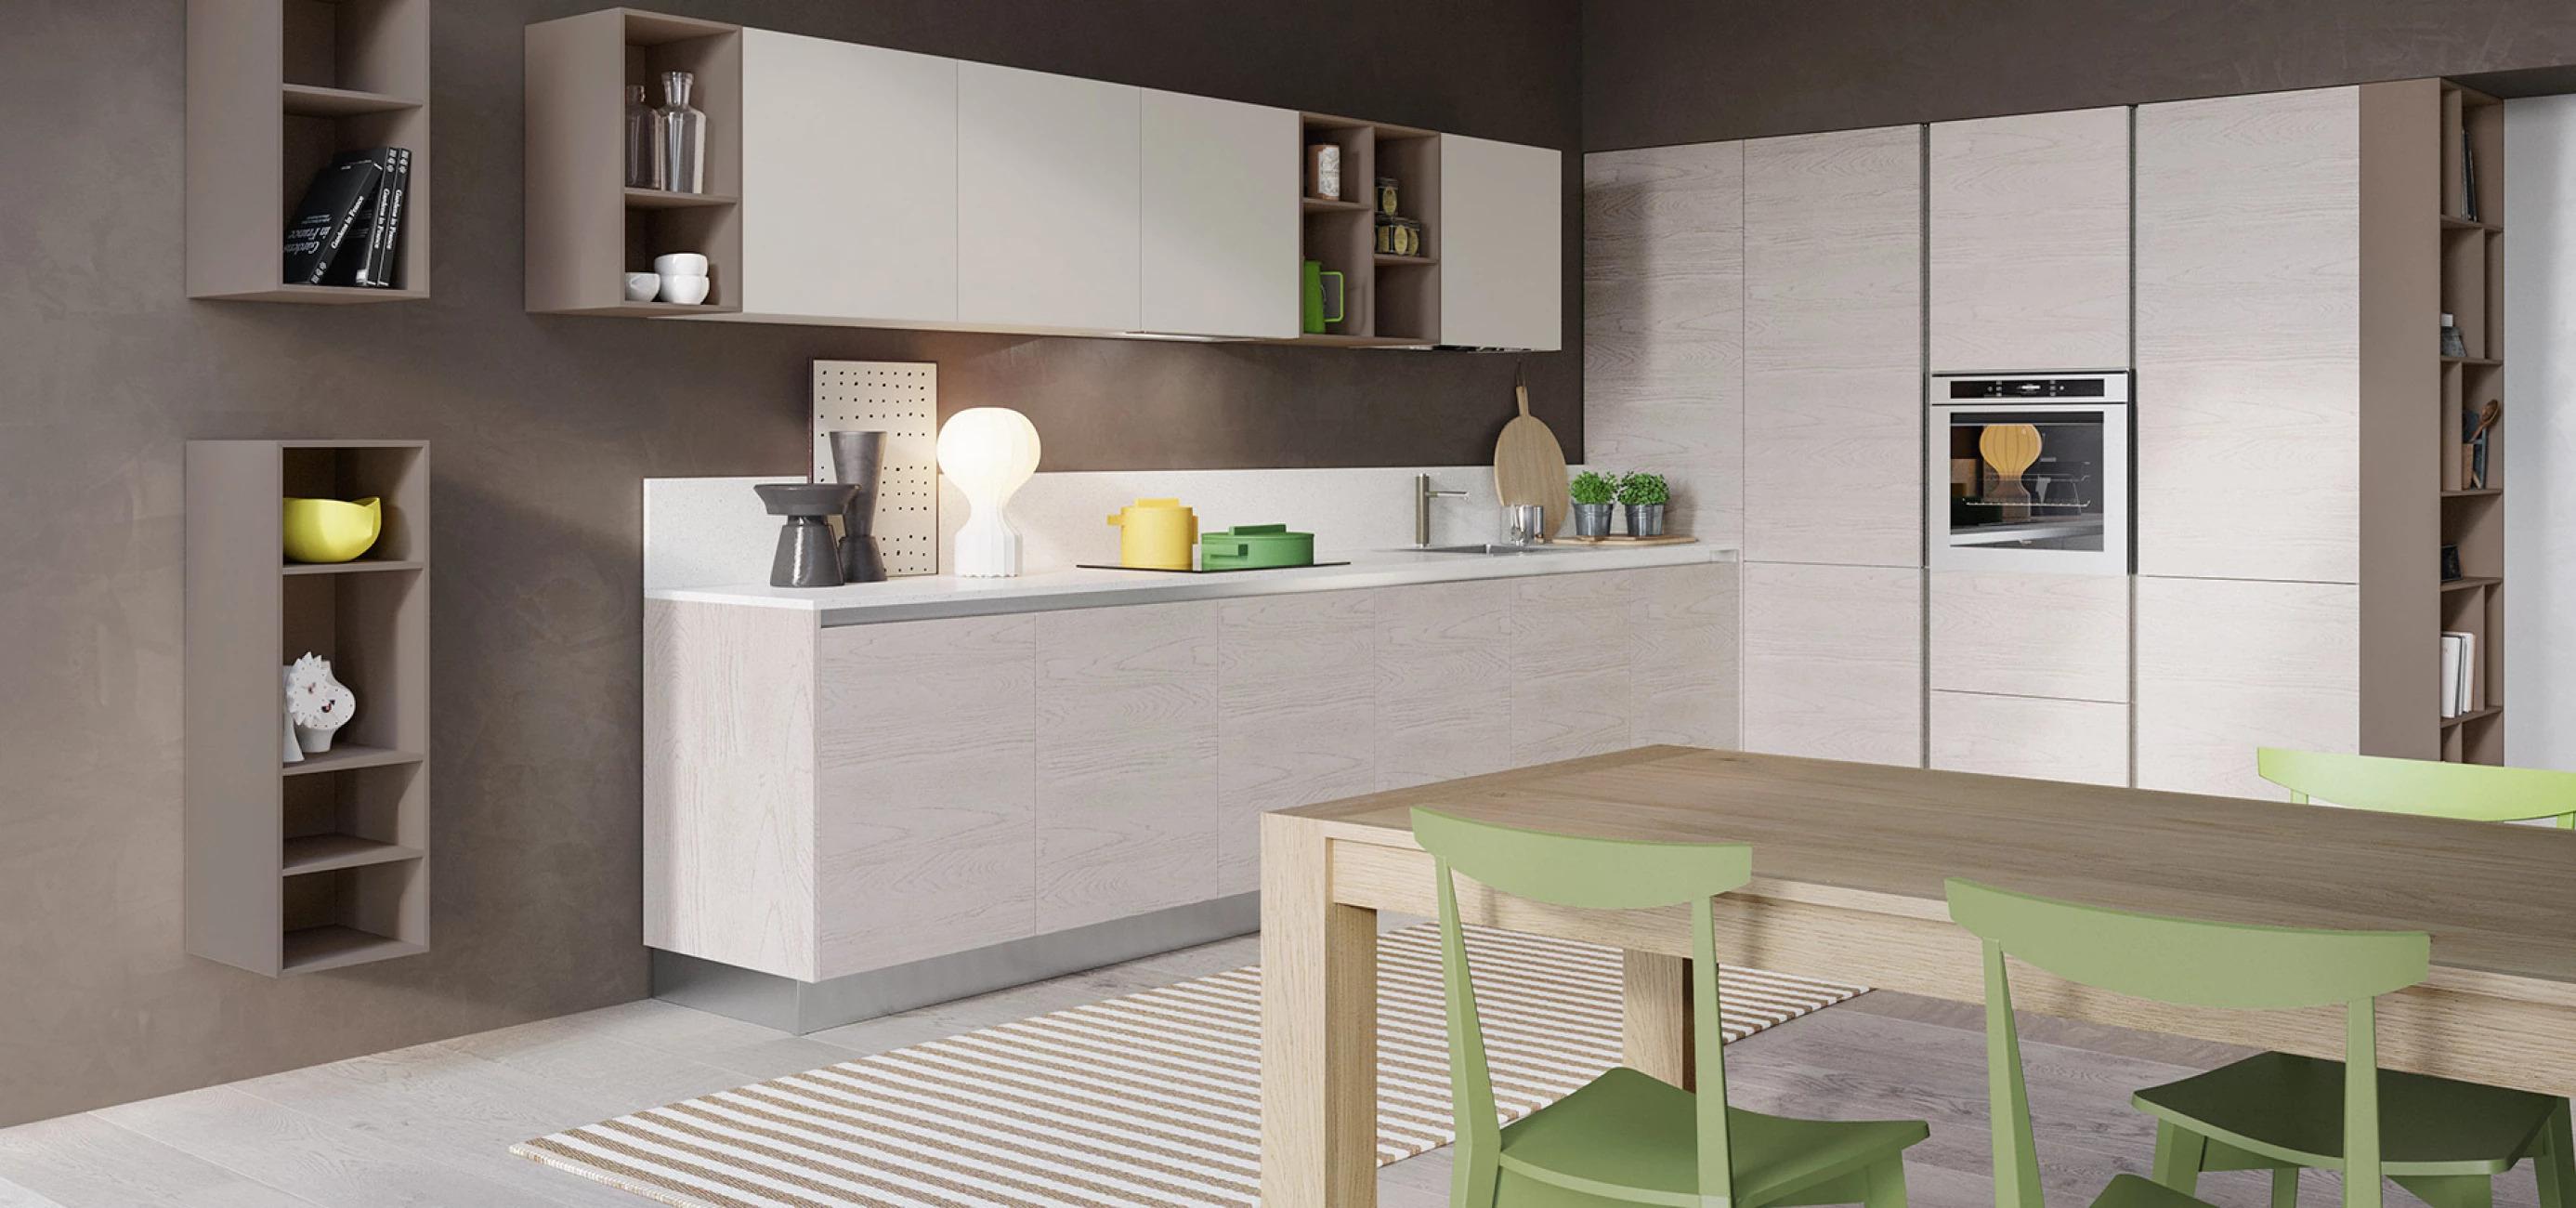 Итальянская кухня CLOE в современном стиле от фабрики ARREDO3 в белых и светло-коричневых цветах, зеленые стулья, деревянный стол, деревянная мебель, кухонные приборы